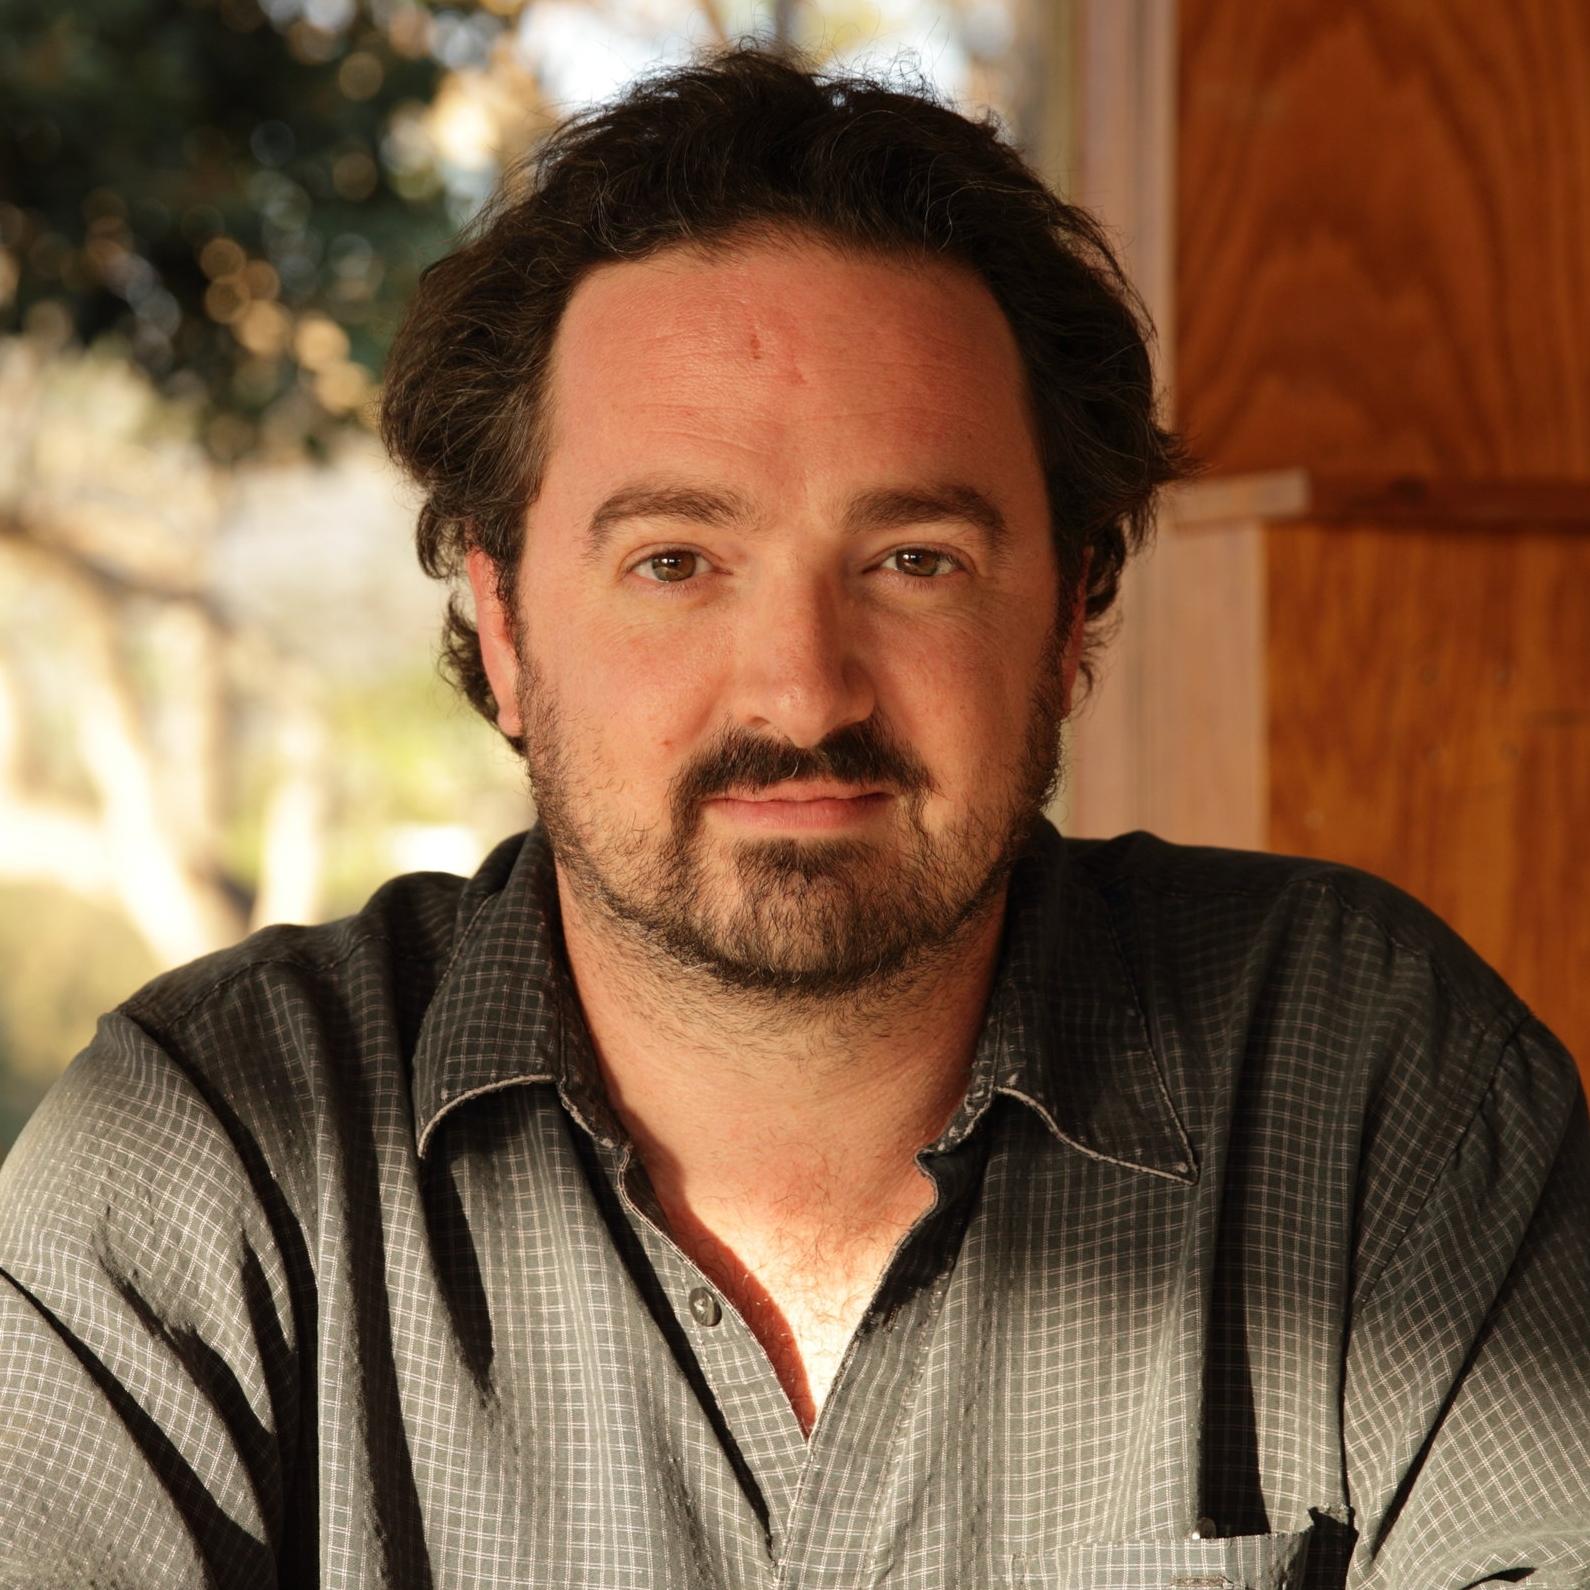 JEREMY SKIDMORE - PRODUCER